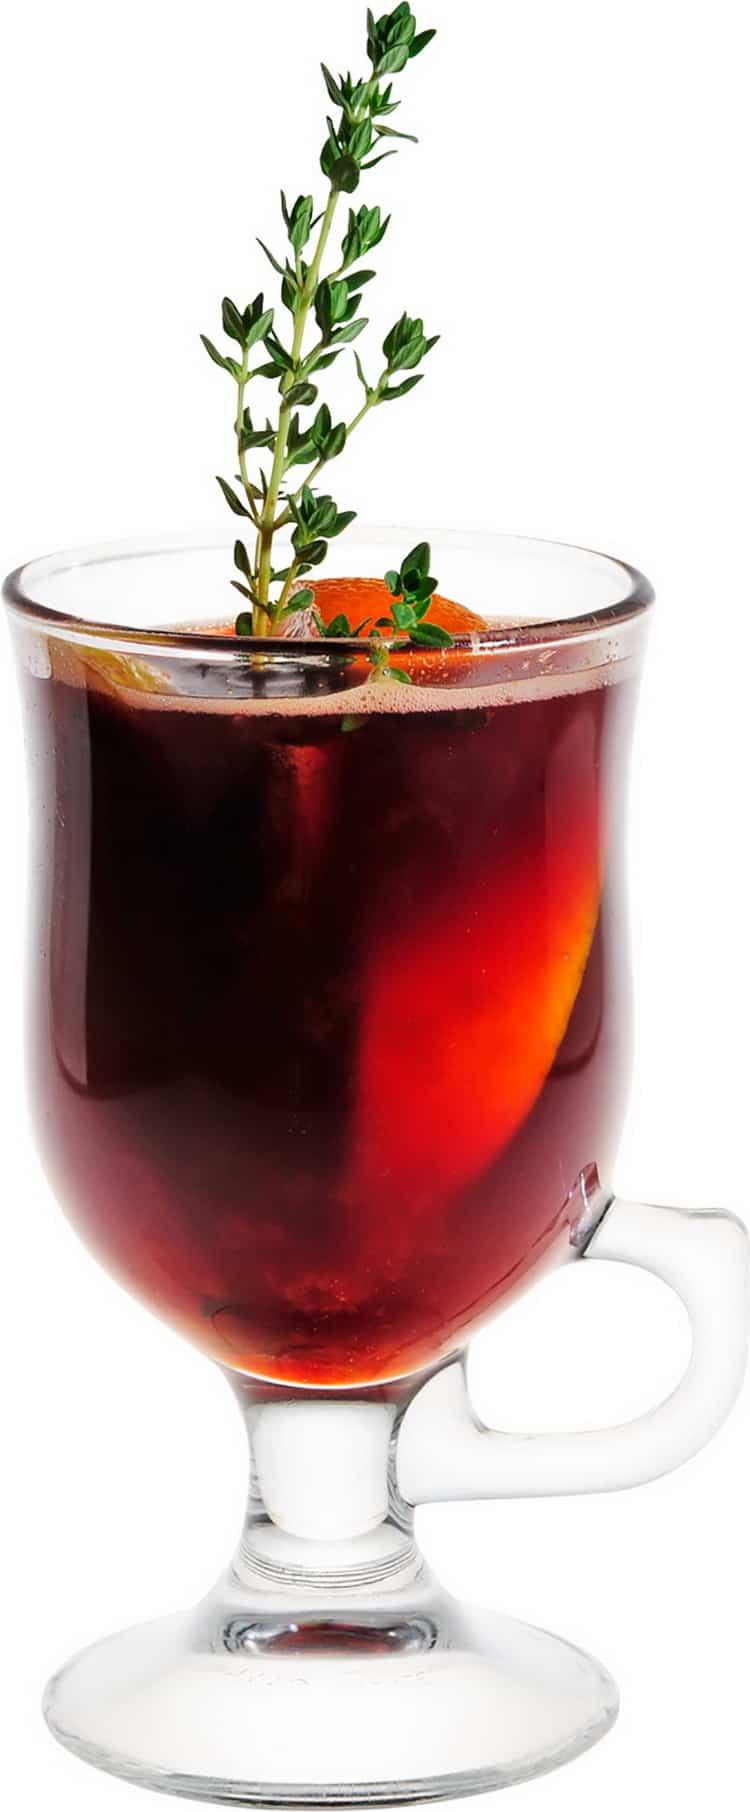 Как делать винные коктейли